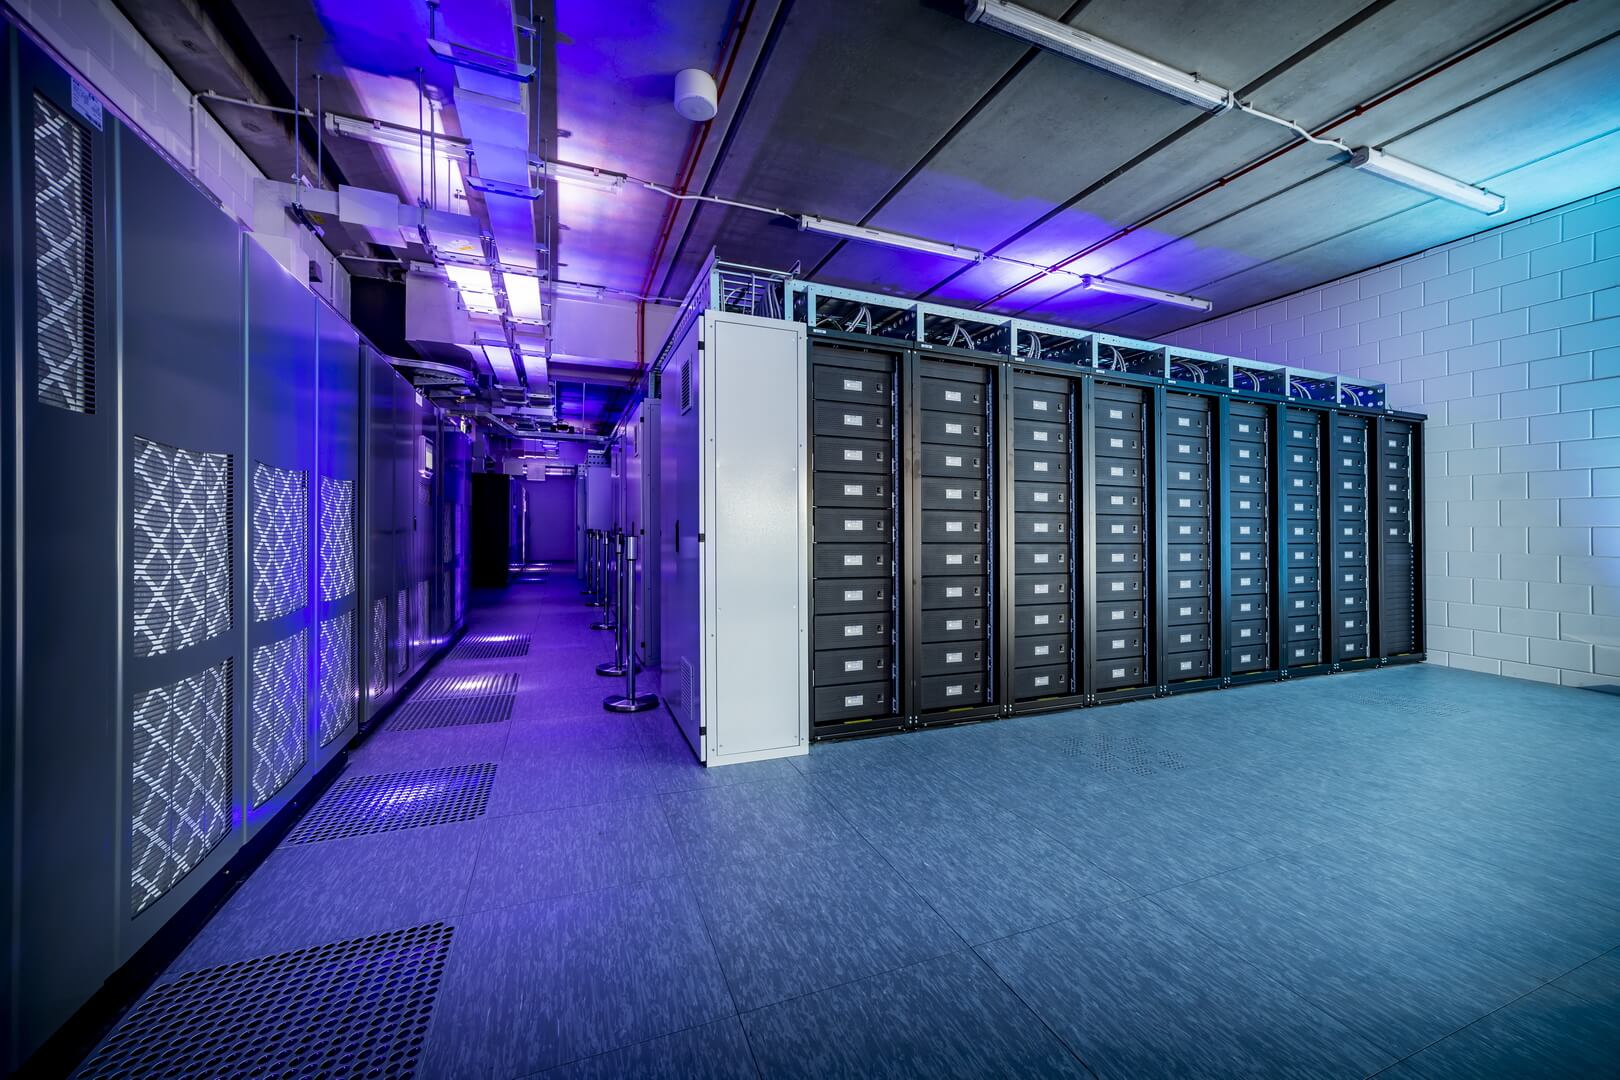 Система хранения энергии на стадионе Johan Cruijff ArenA из 148 аккумуляторов Nissan Leaf